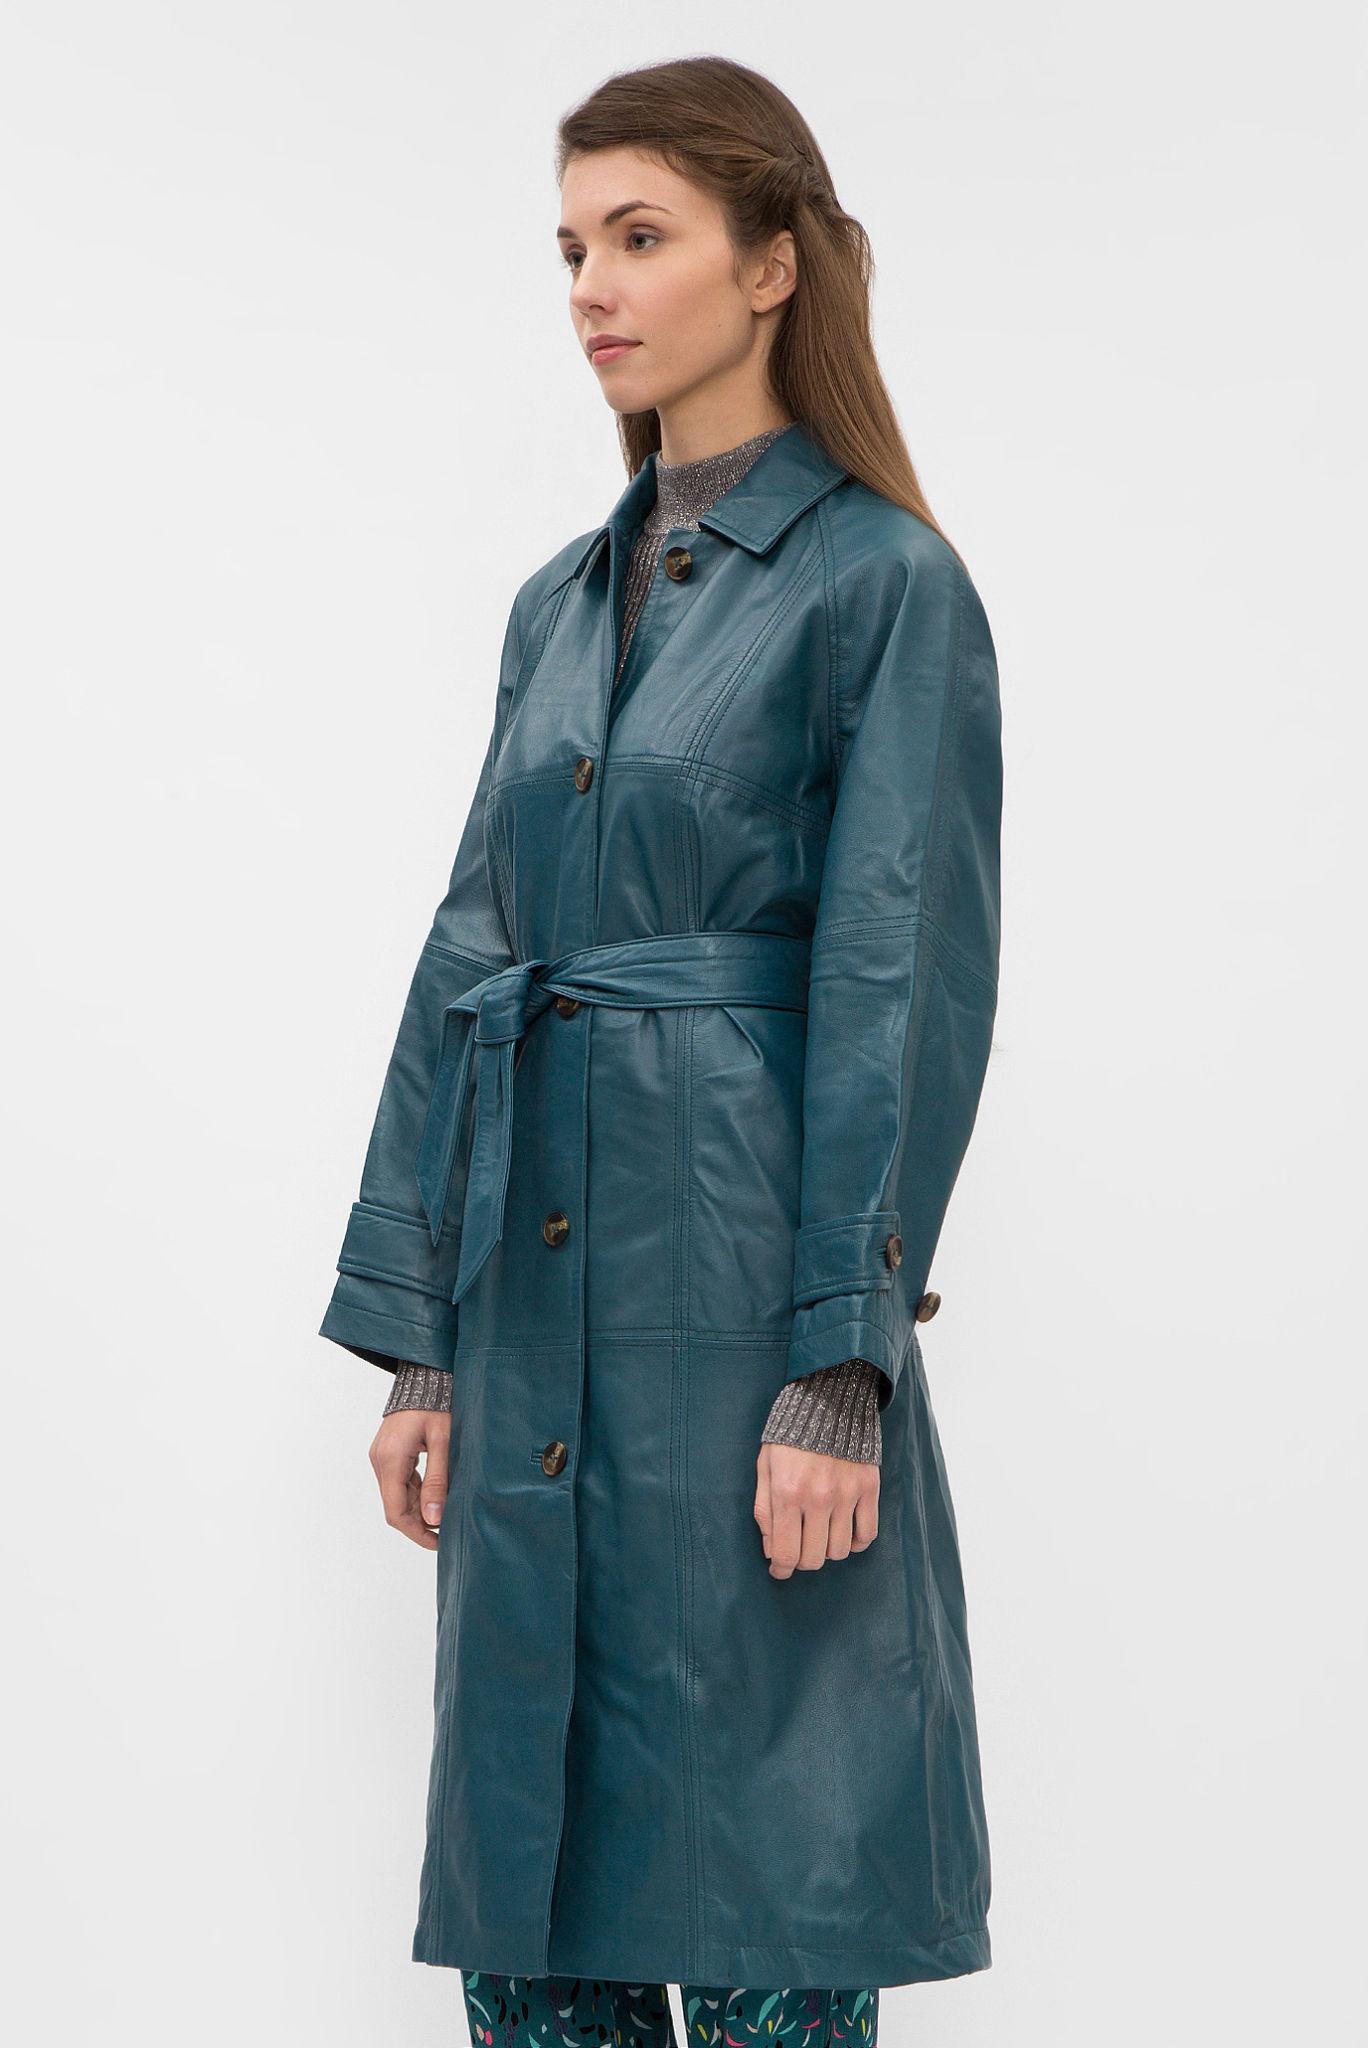 мода весна лето 2018 для женщин после 30: кожаный плащ зеленый